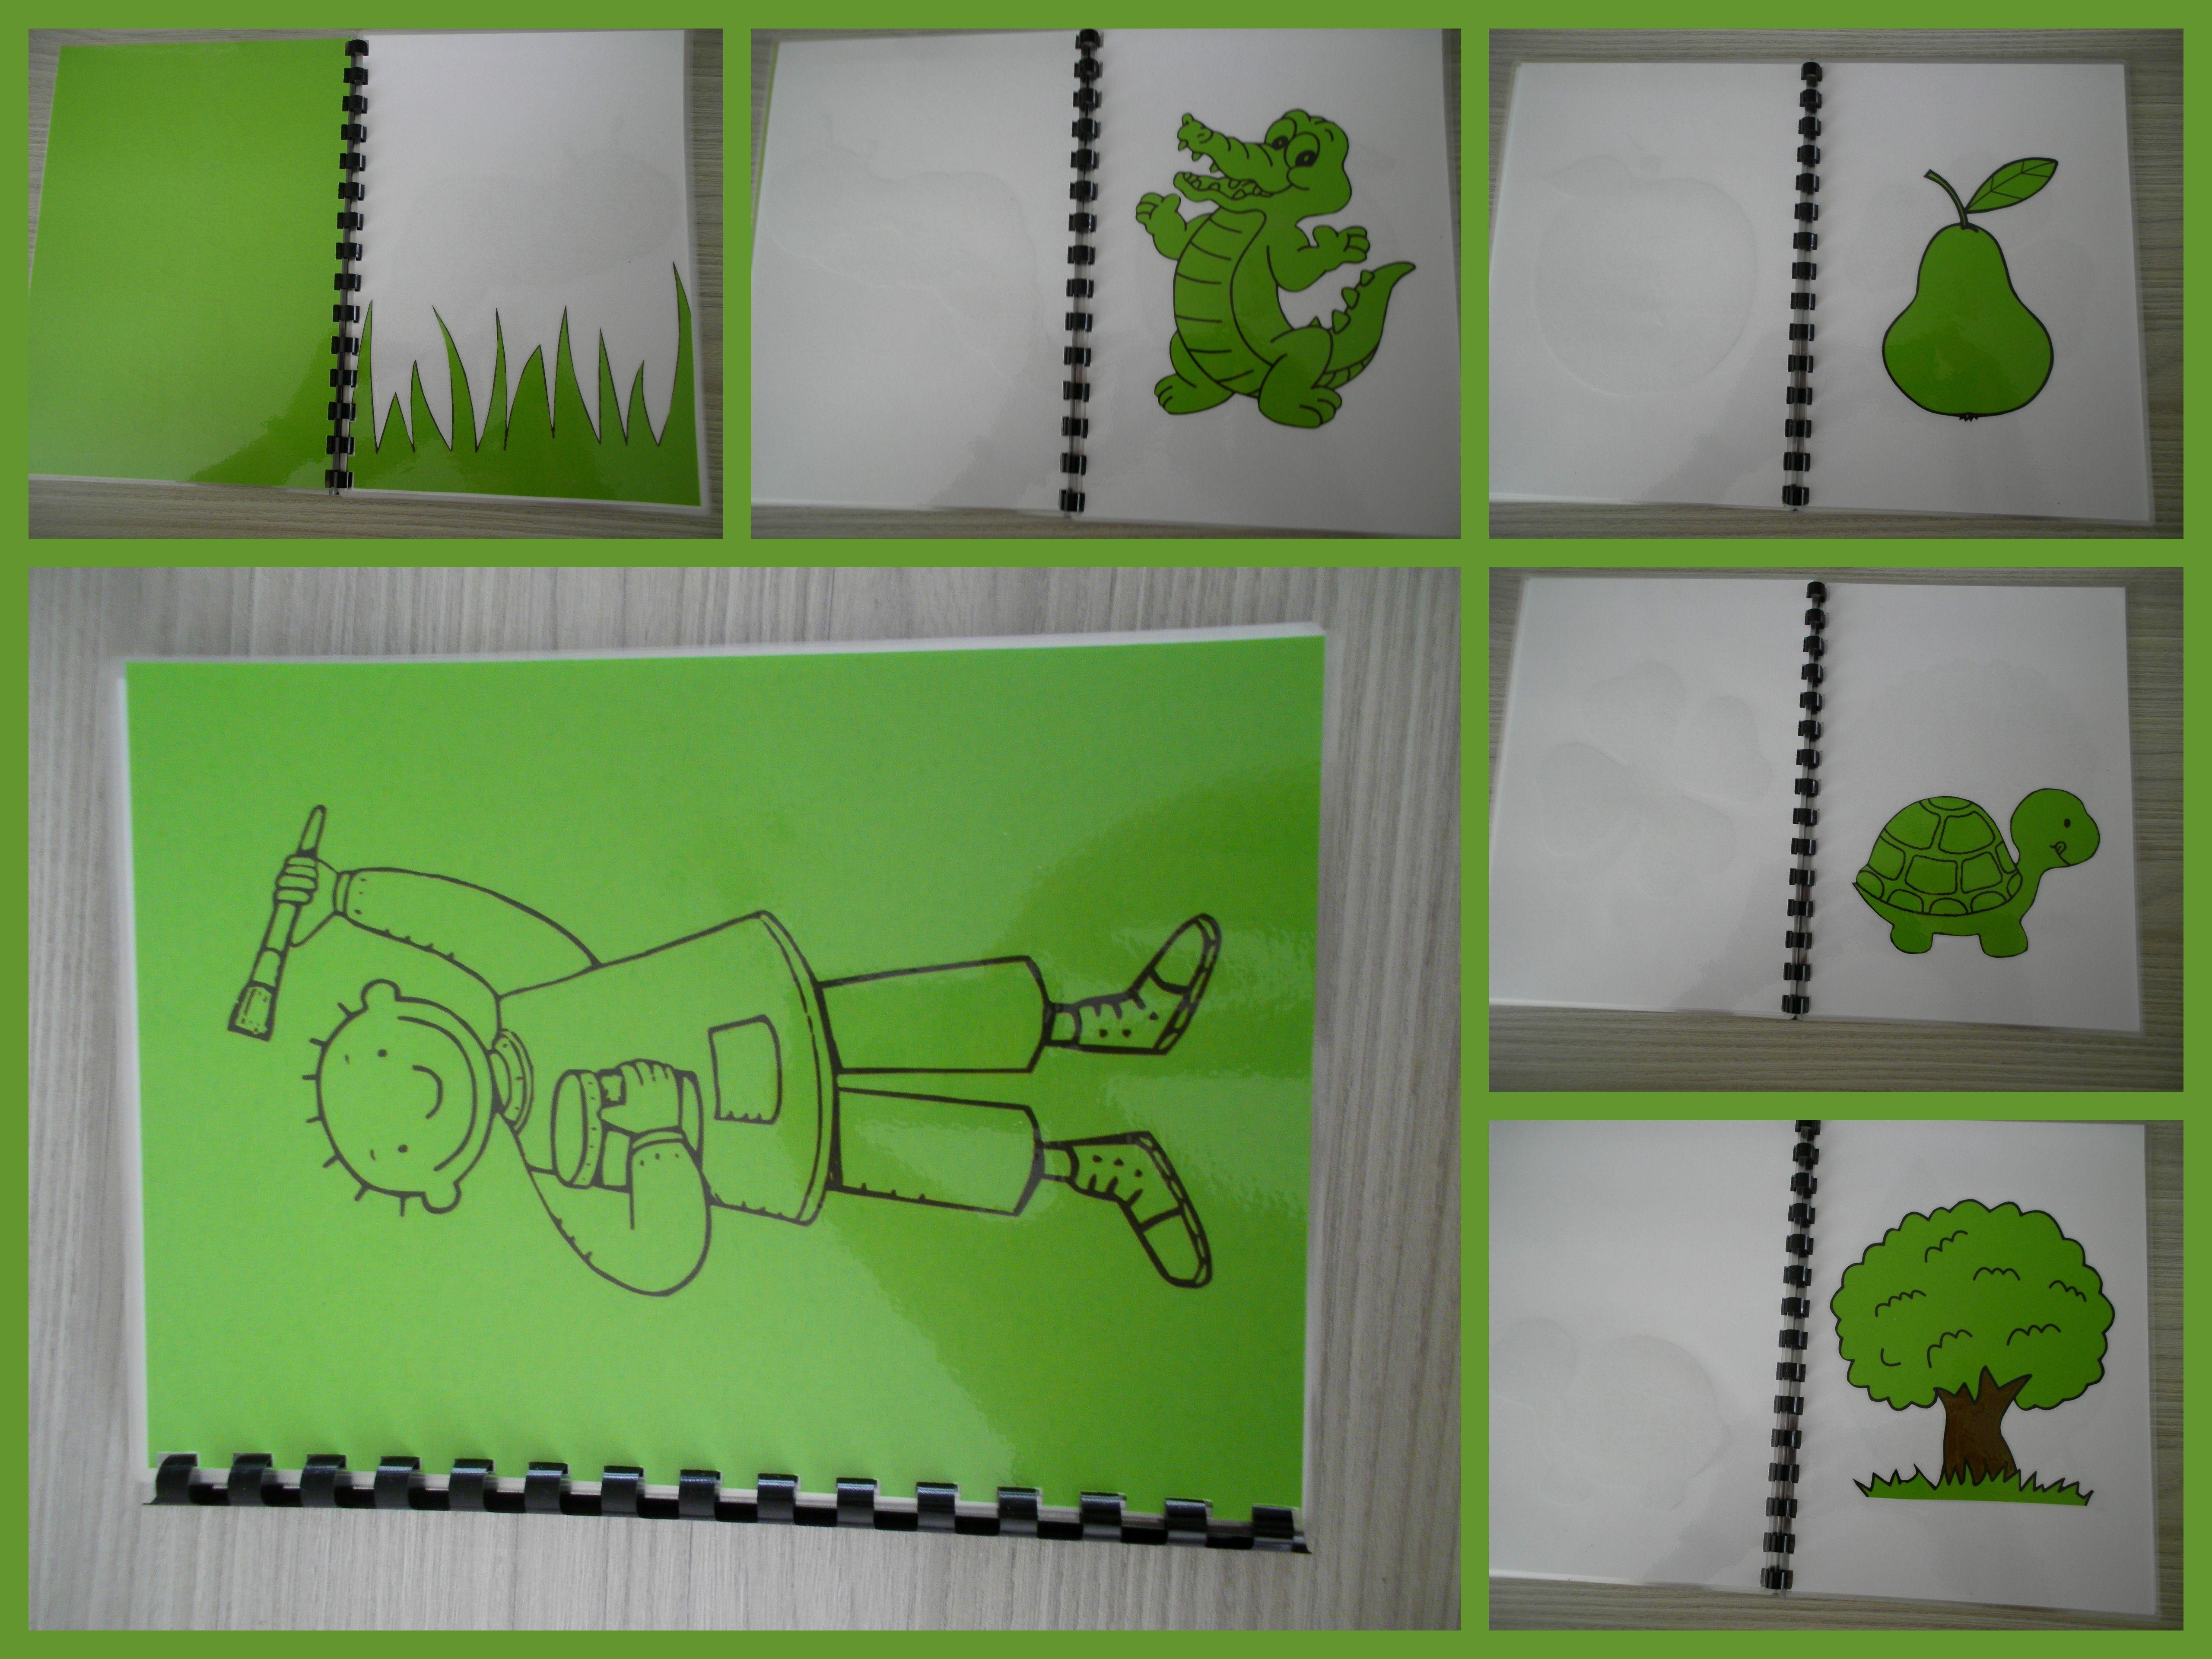 Kleurenboekje Groen Een Boekje Vol Met Groene Voorwerpen Eenvoudig Om Zelf Te Maken Print Kleurplaten Af Op Gekleurd Papier Knipp Kleuren Thema Kleur Kunst